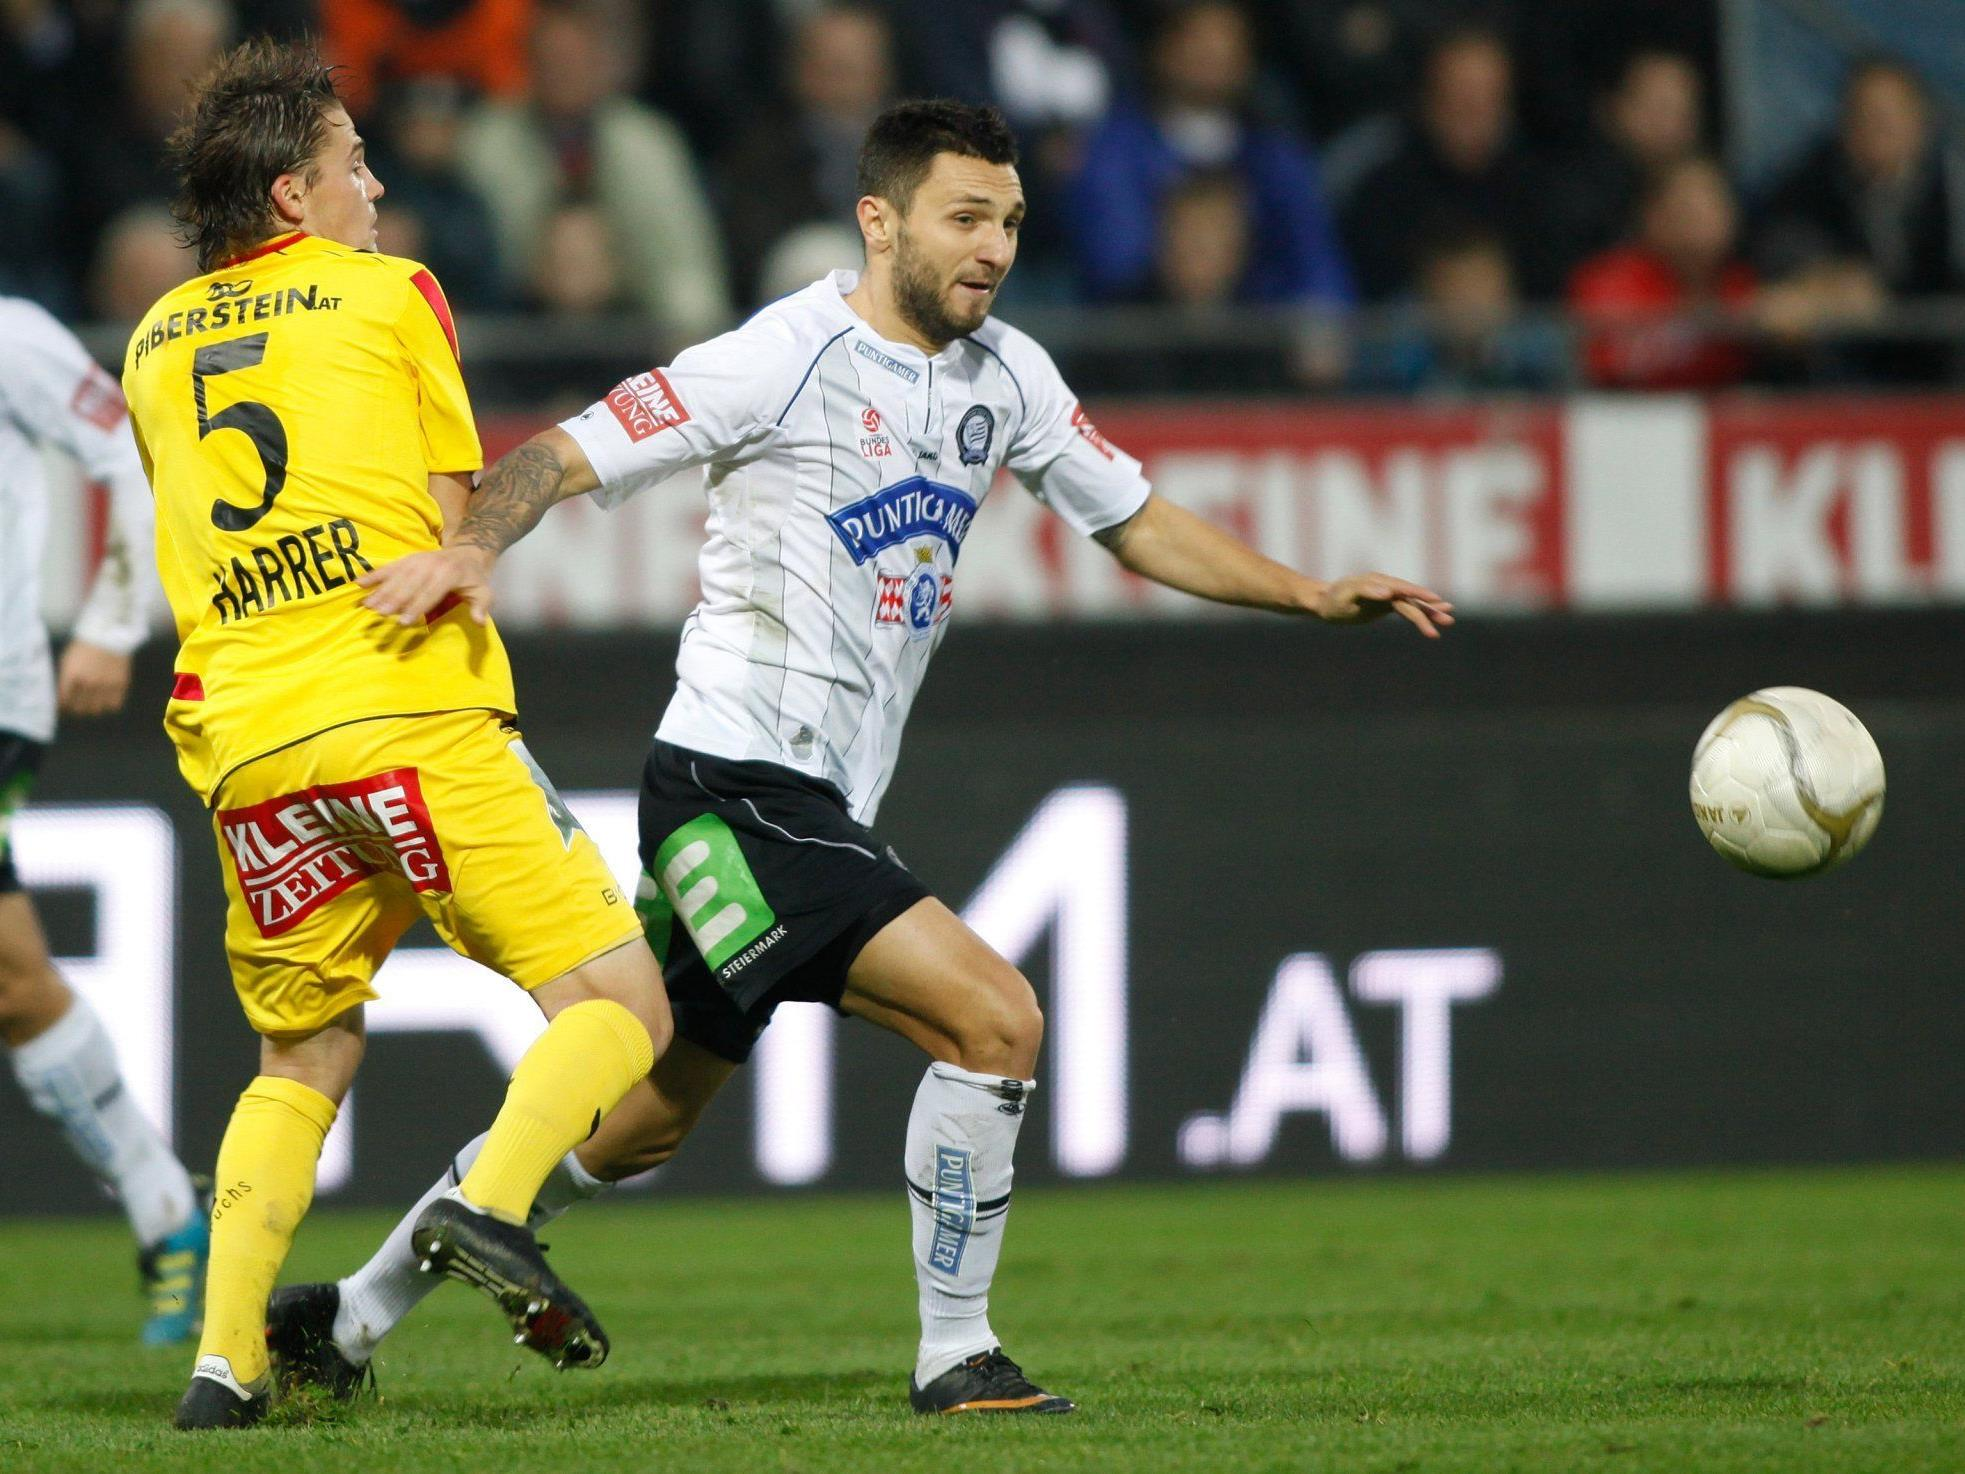 Bodul traf in Minute 96 zum 1:0-Erfolg gegen Schlusslicht KSV.